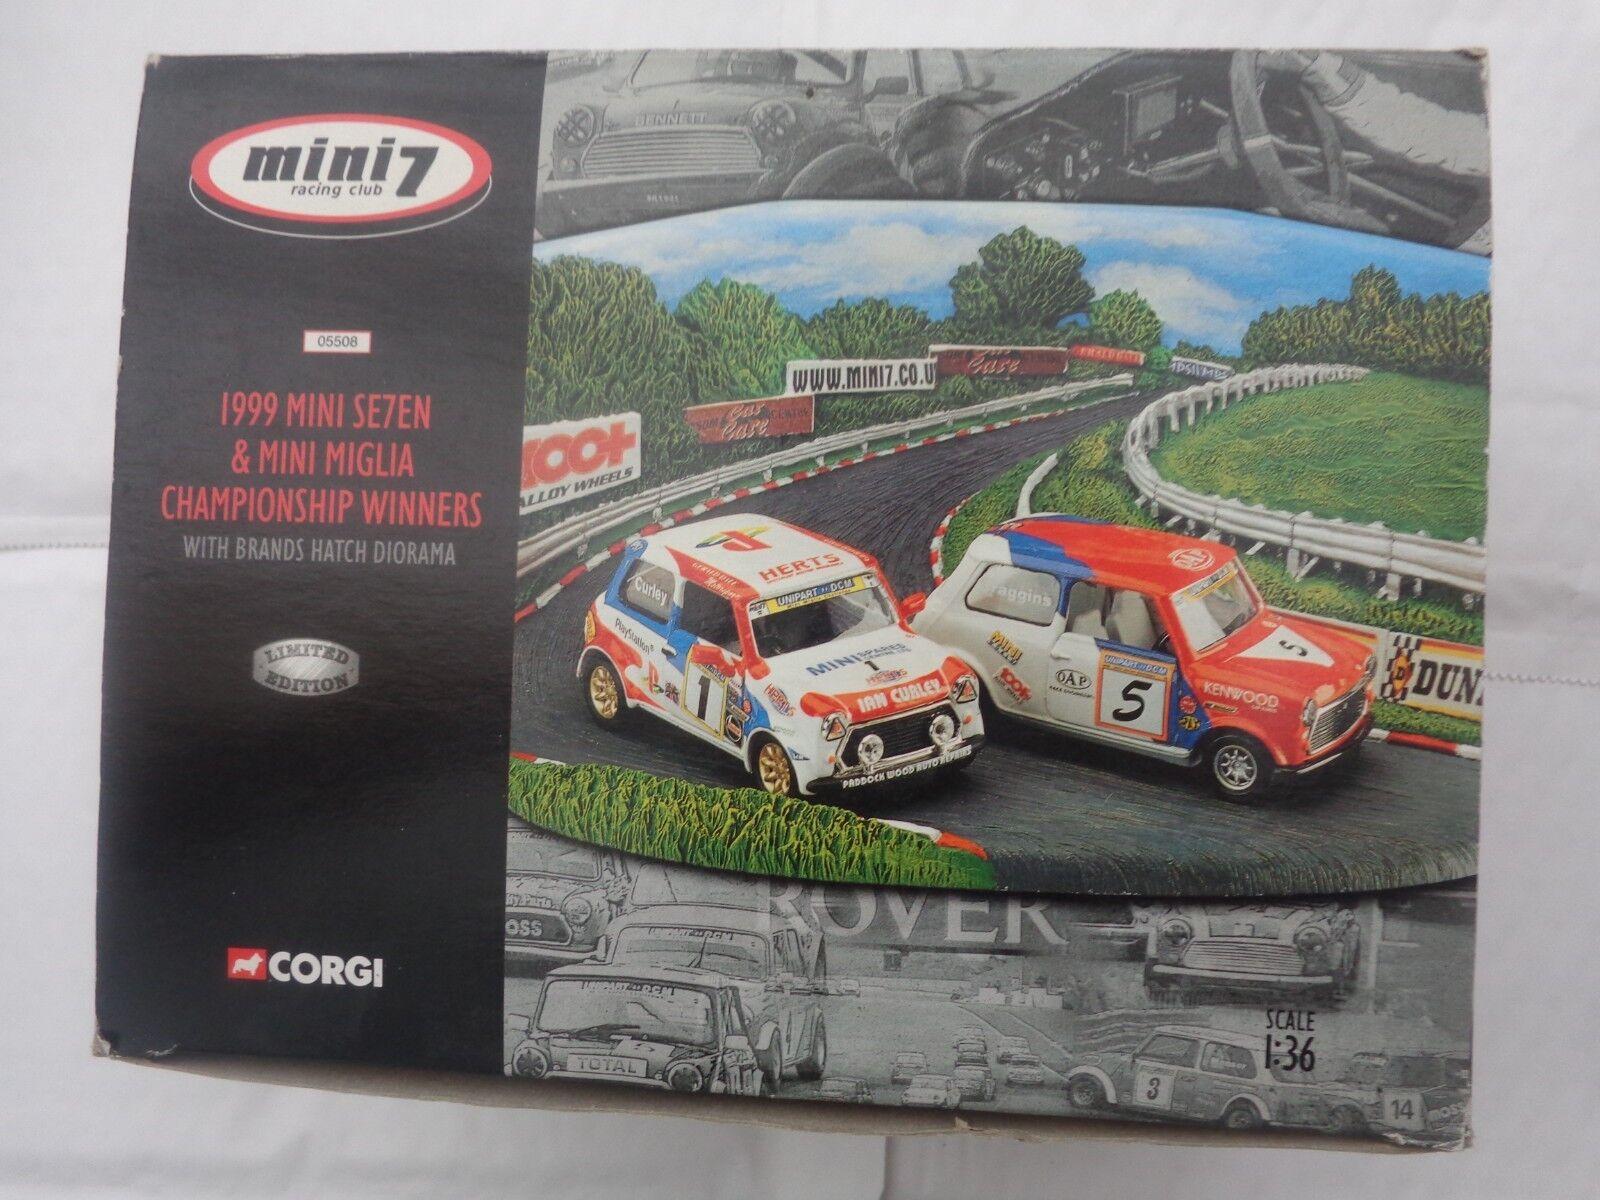 CORGI 1 36 MINI SE7EN & MIGLIA 1999 WINNERS CARS +BRANDS HATCH DIORAMA 05508 NEW